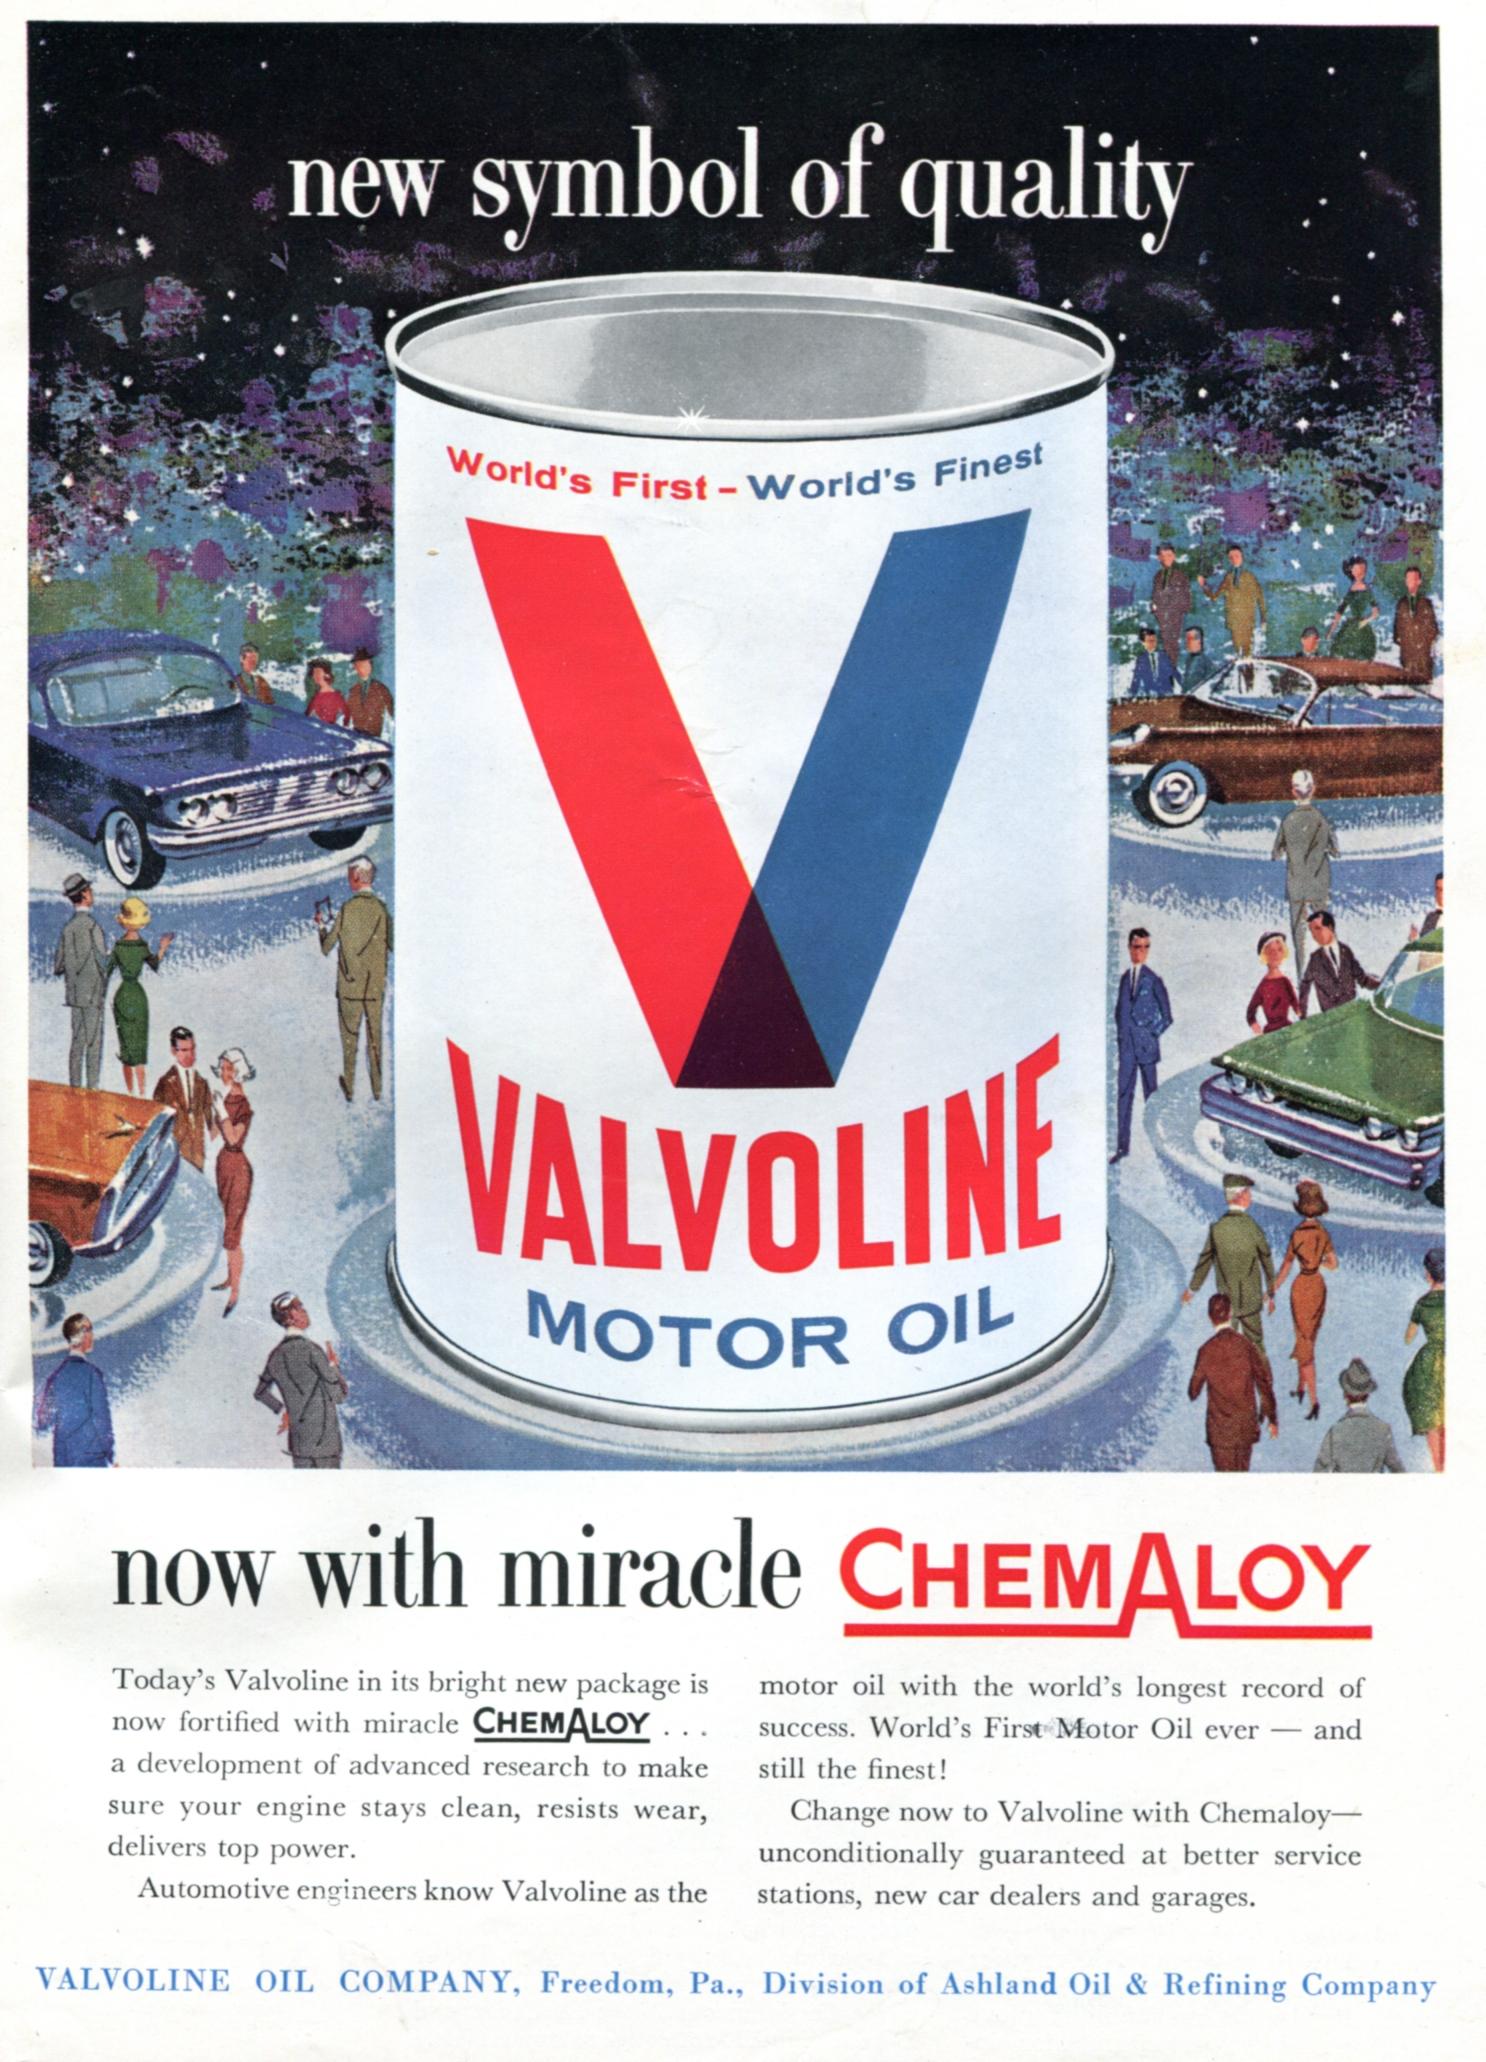 Valvoline - published in Sports Car Illustrated - November 1960